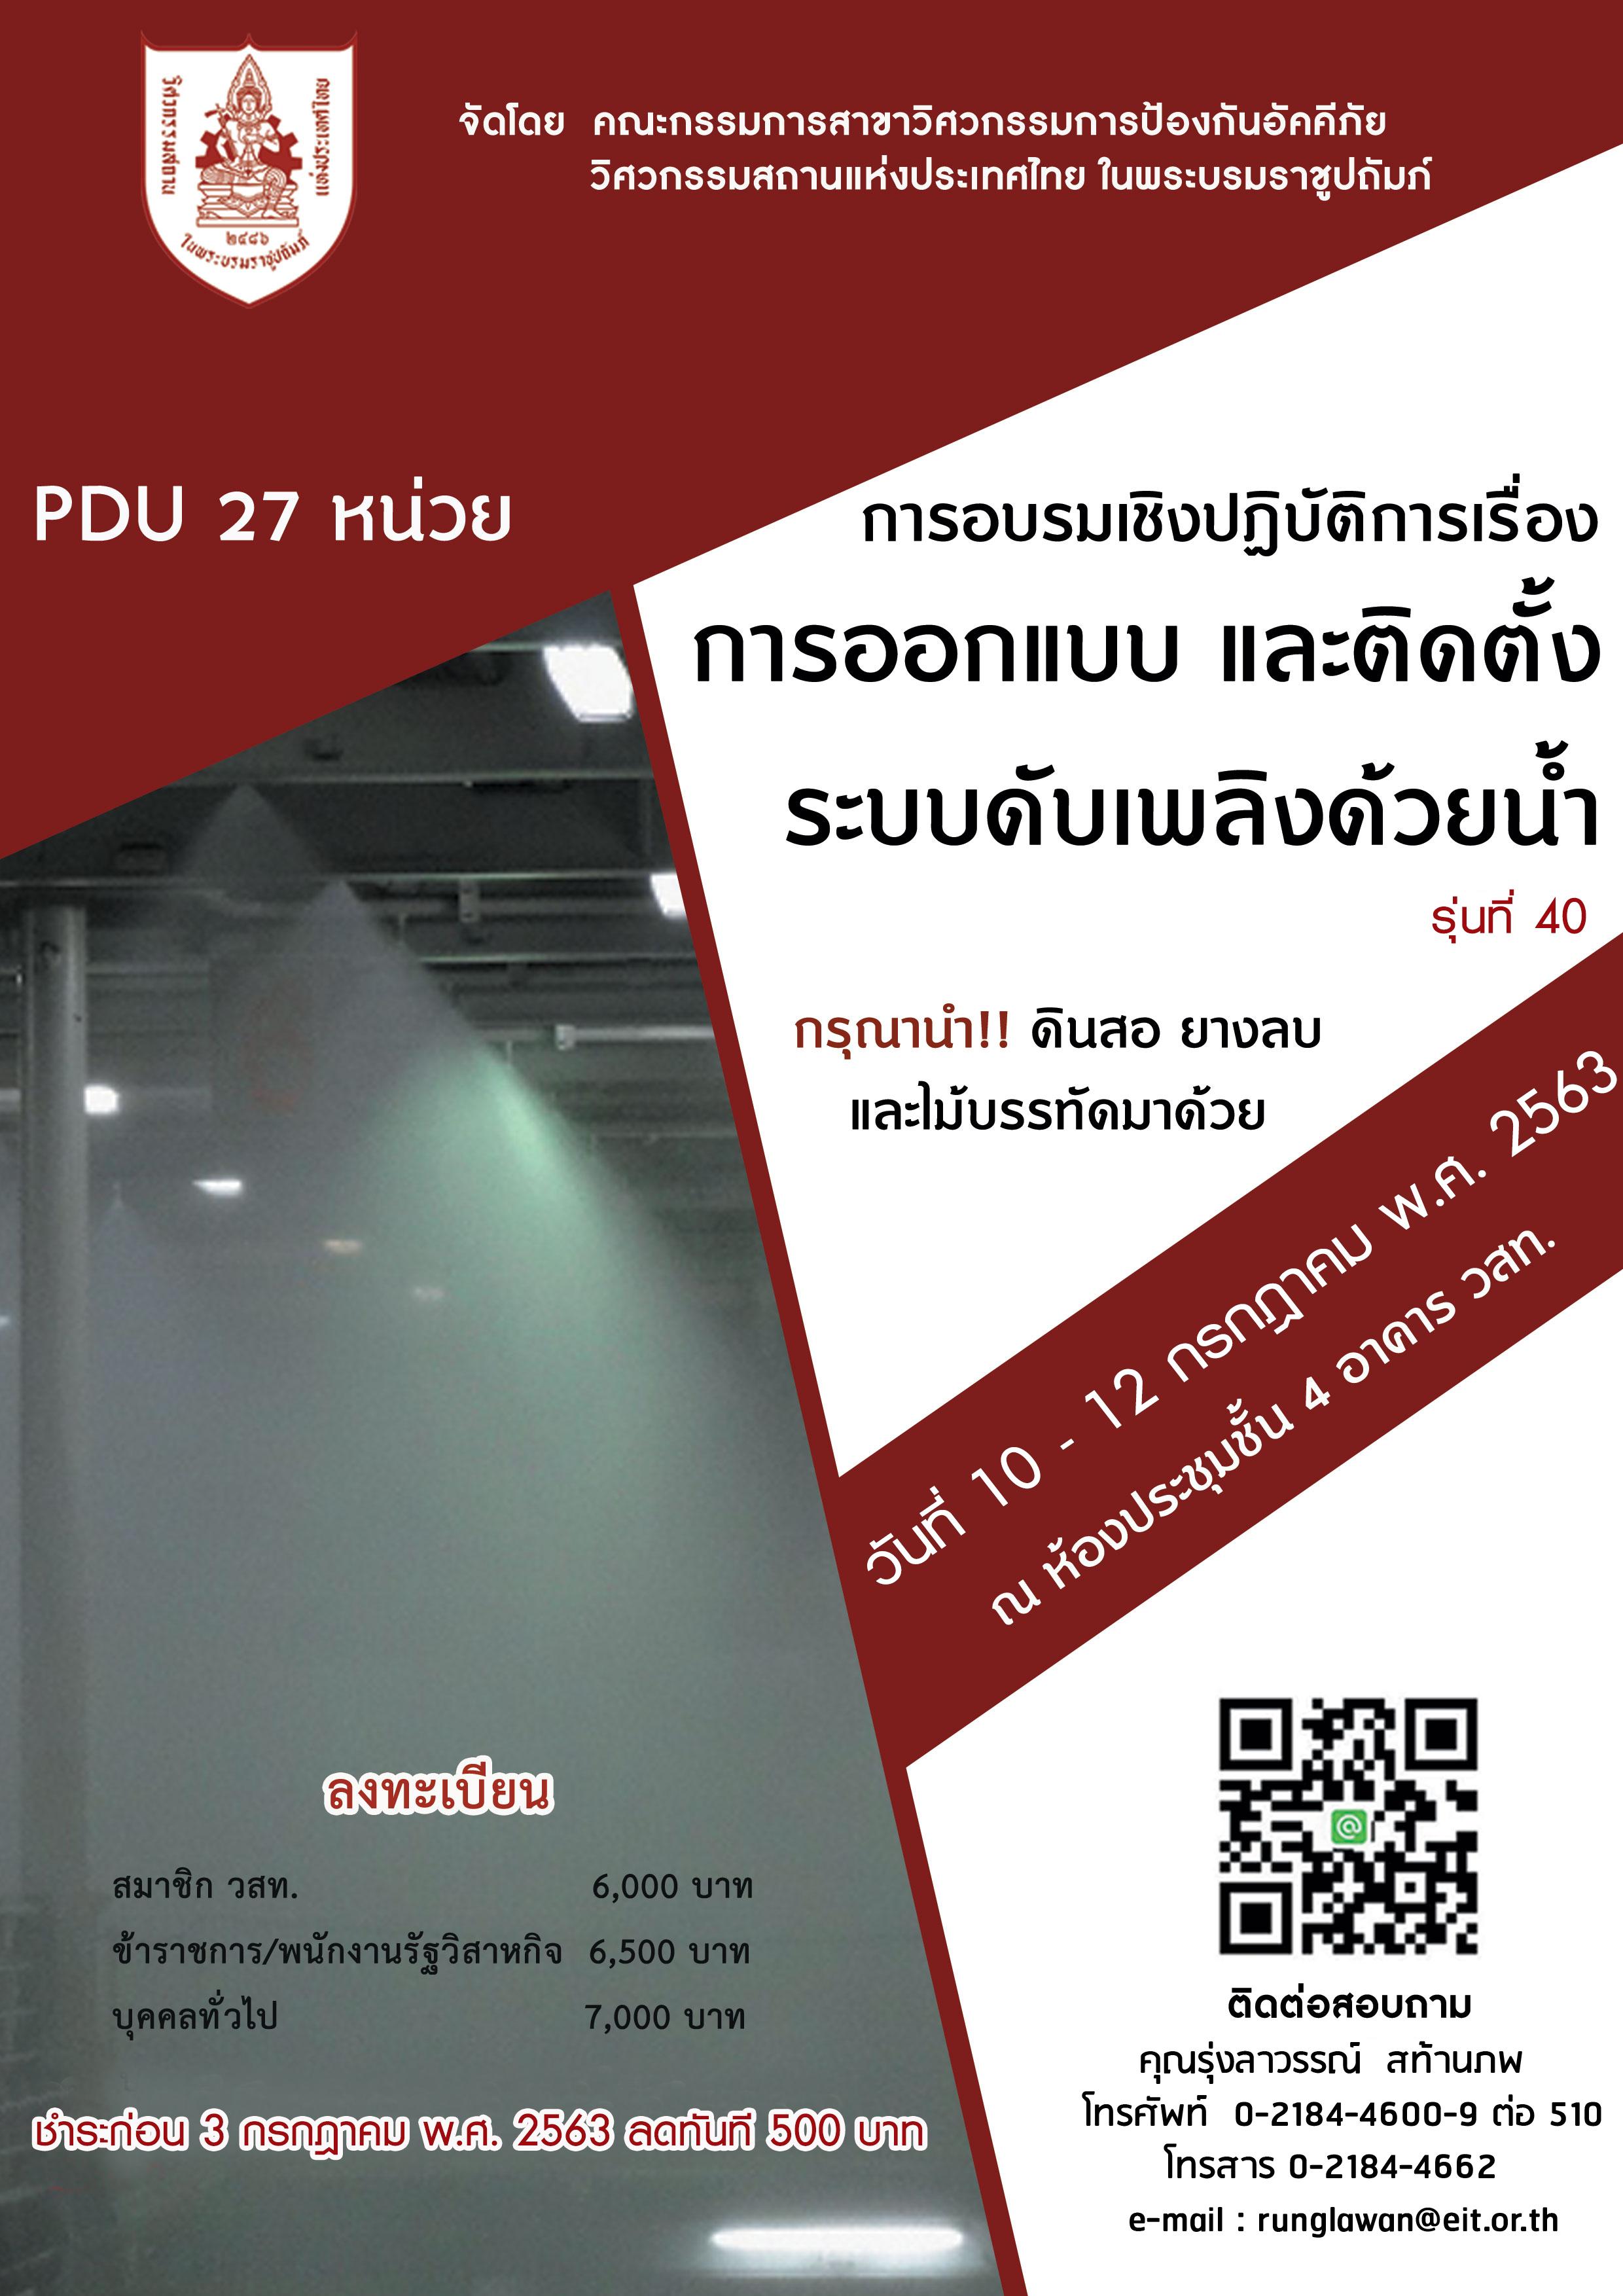 10-12/07/2563 การอบรมเชิงปฏิบัติการเรื่อง การออกแบบ และติดตั้งระบบดับเพลิงด้วยน้ำ รุ่นที่ 40